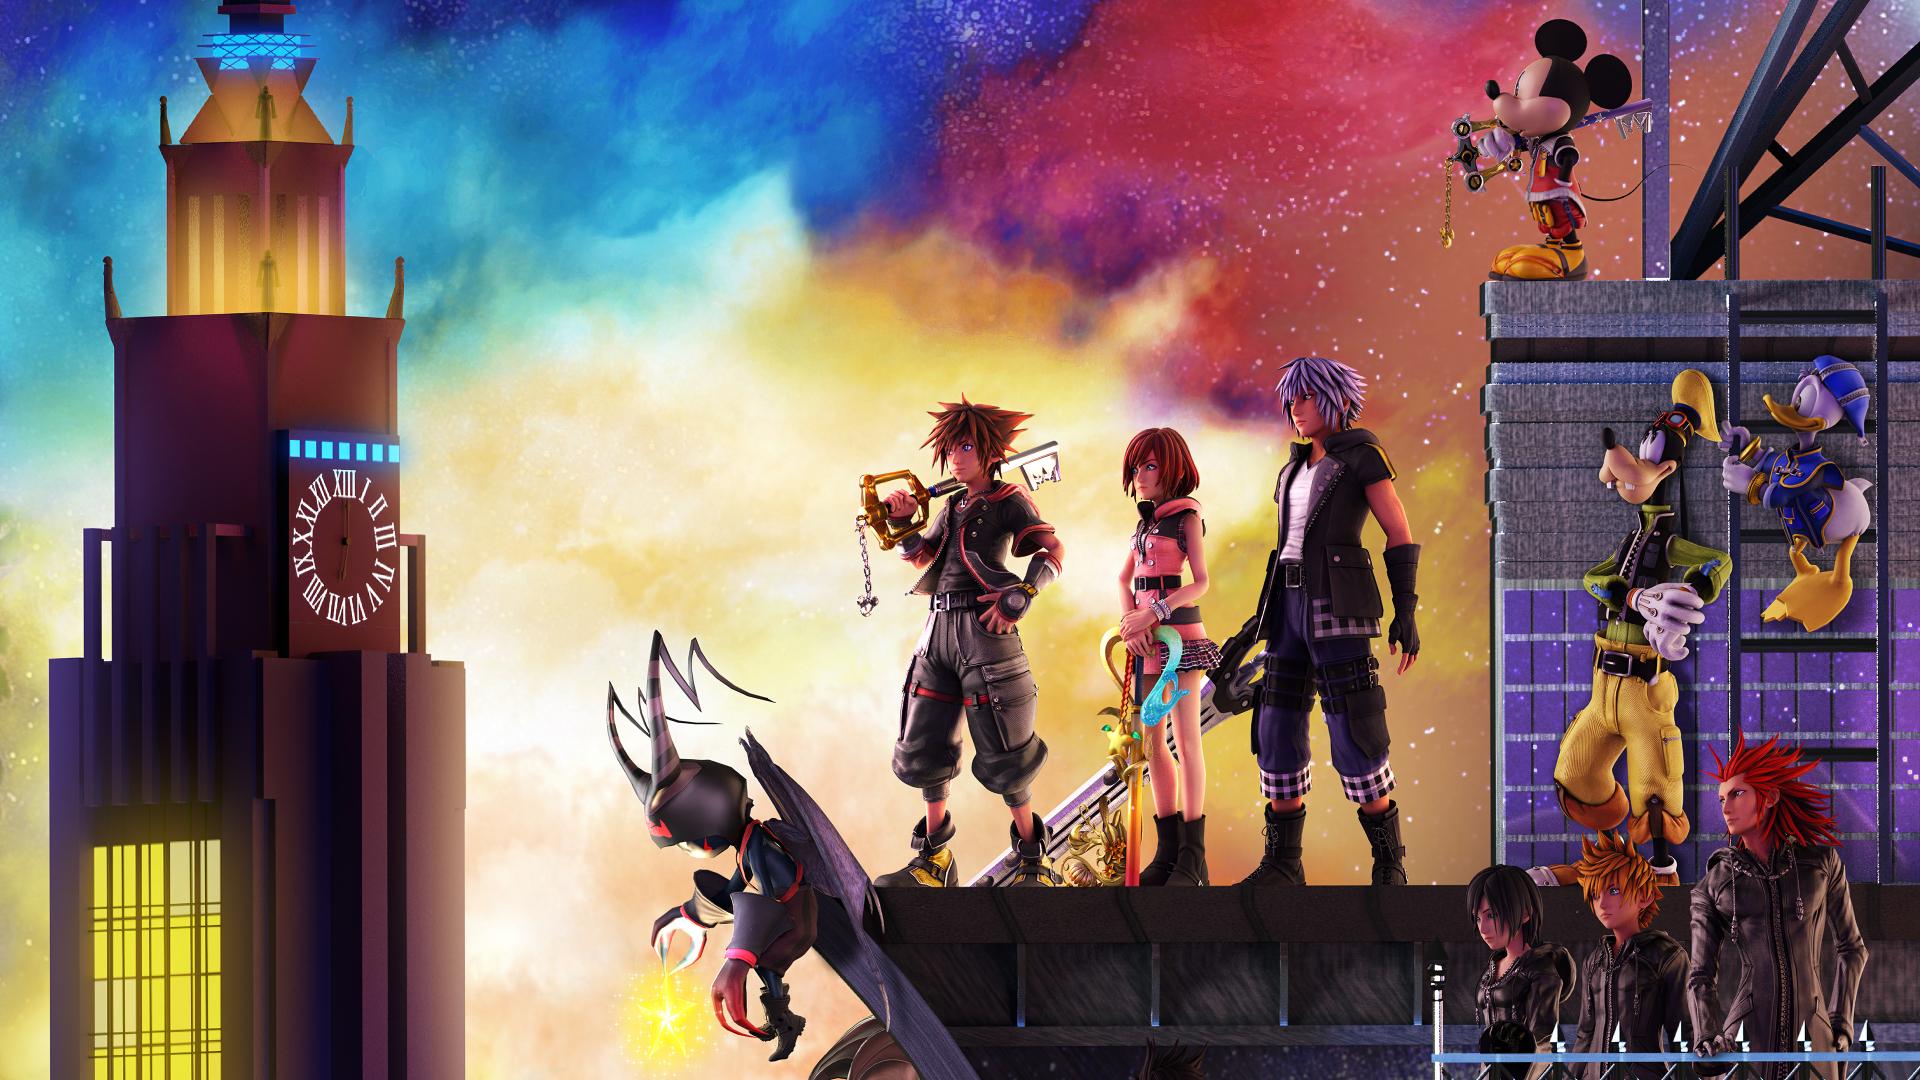 1920x1080 Kingdom Hearts 3 1080p Laptop Full Hd Wallpaper Hd